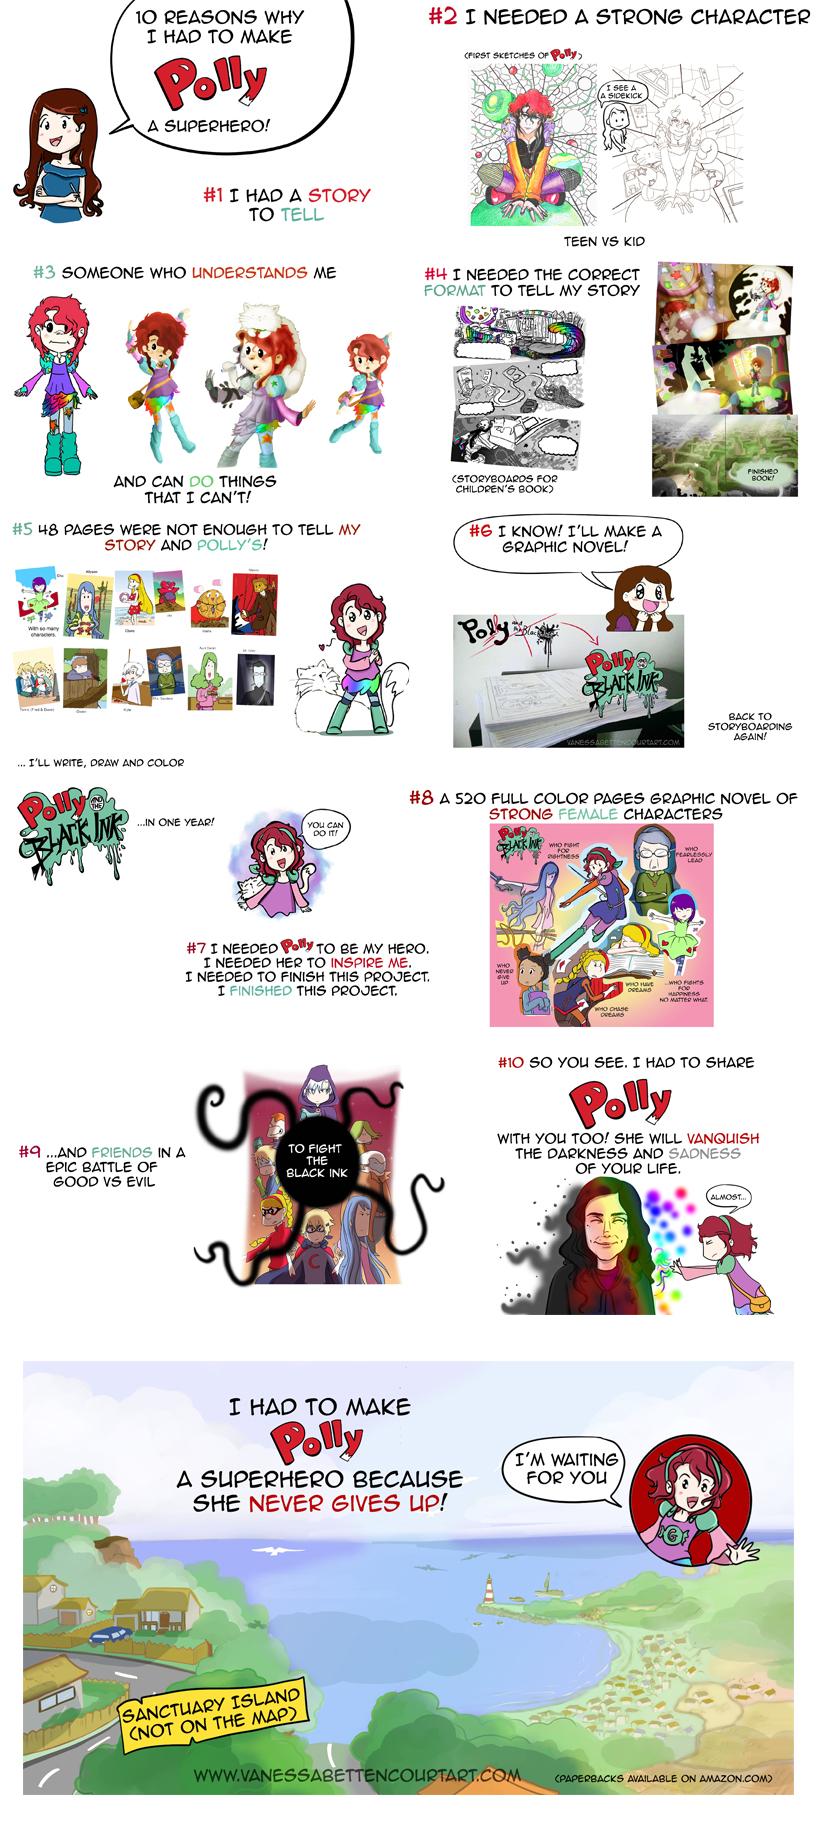 character design, graphic novel, evolution, drawing evolution, character evolution, polly mason, vanessa bettencourt art